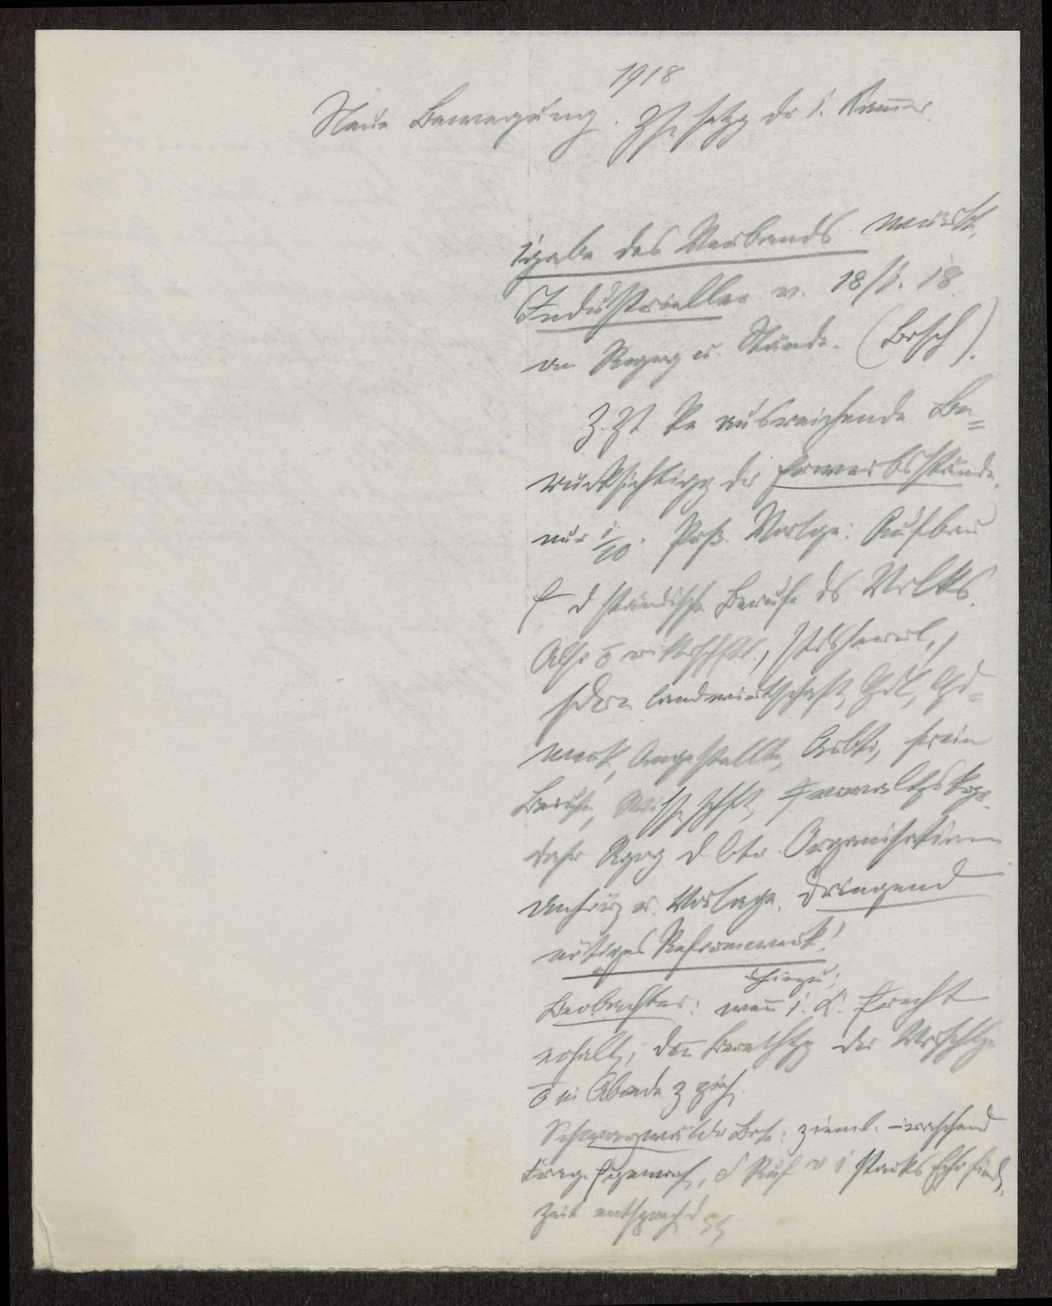 Verfassungsreform: Umbildung der Ersten Kammer Notizen Weizsäcker, Druckschriften und Zeitungsartikel, Bild 3